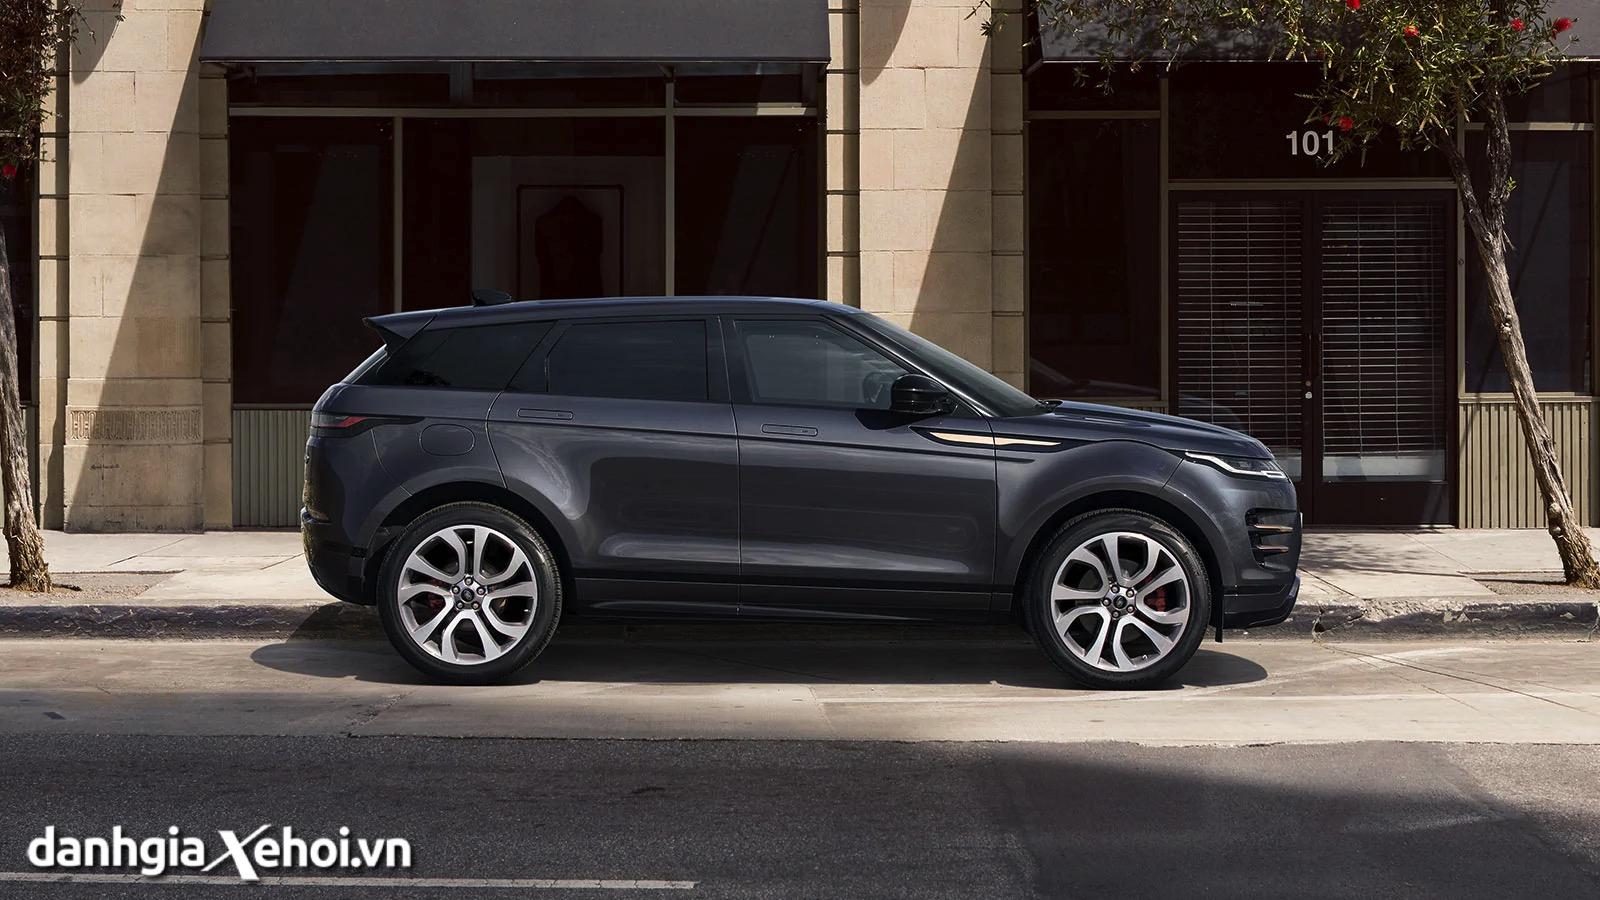 hong-xe-range-rover-evoque-2021-danhgiaxehoi-vn